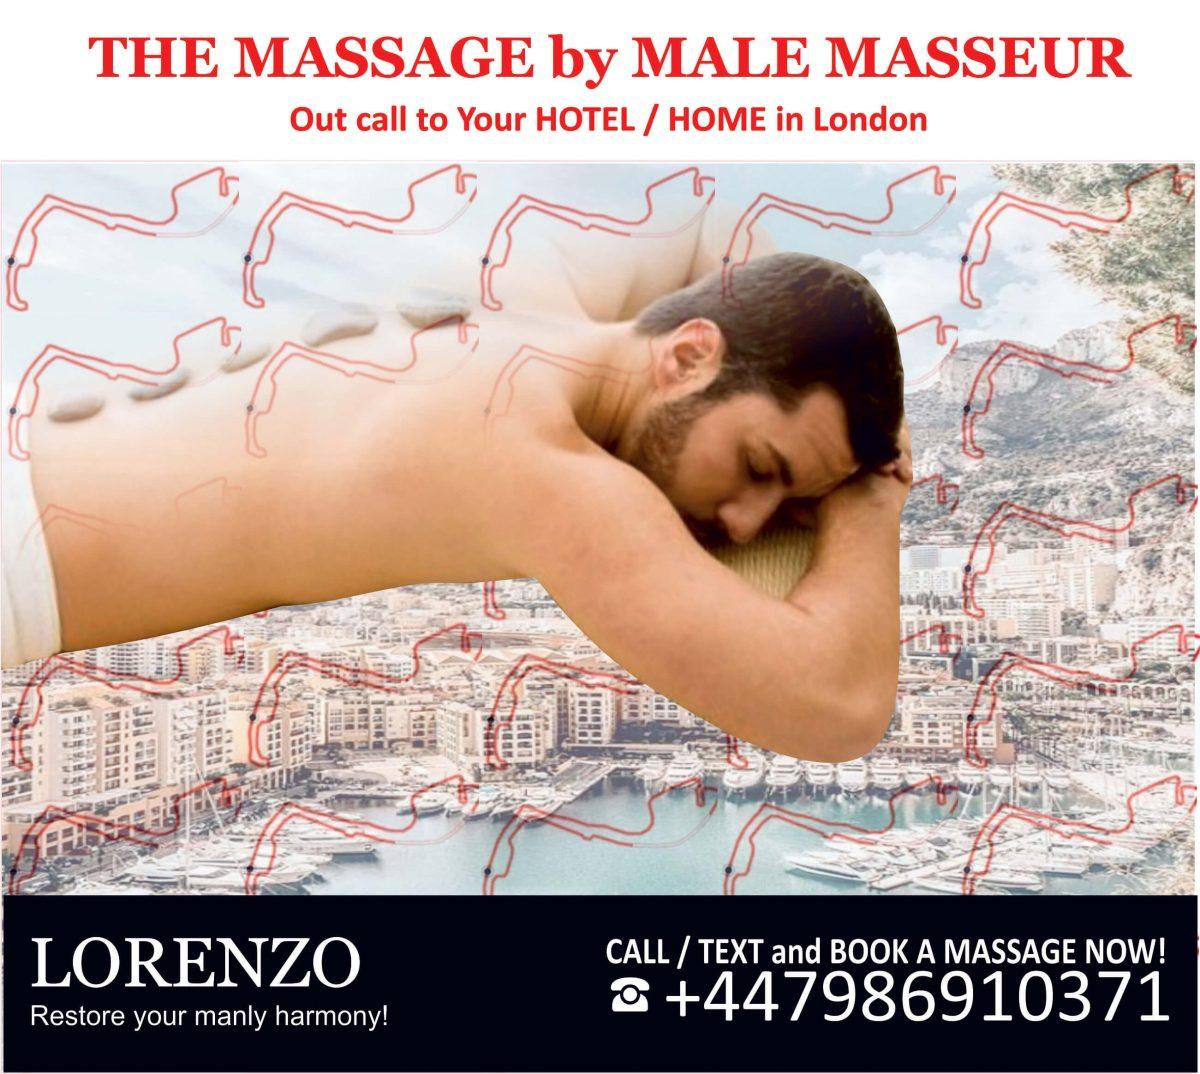 male massage london gay massage london male massage gay massage male to male massage best male massage full body massage male urban massage massage london male massage (4)